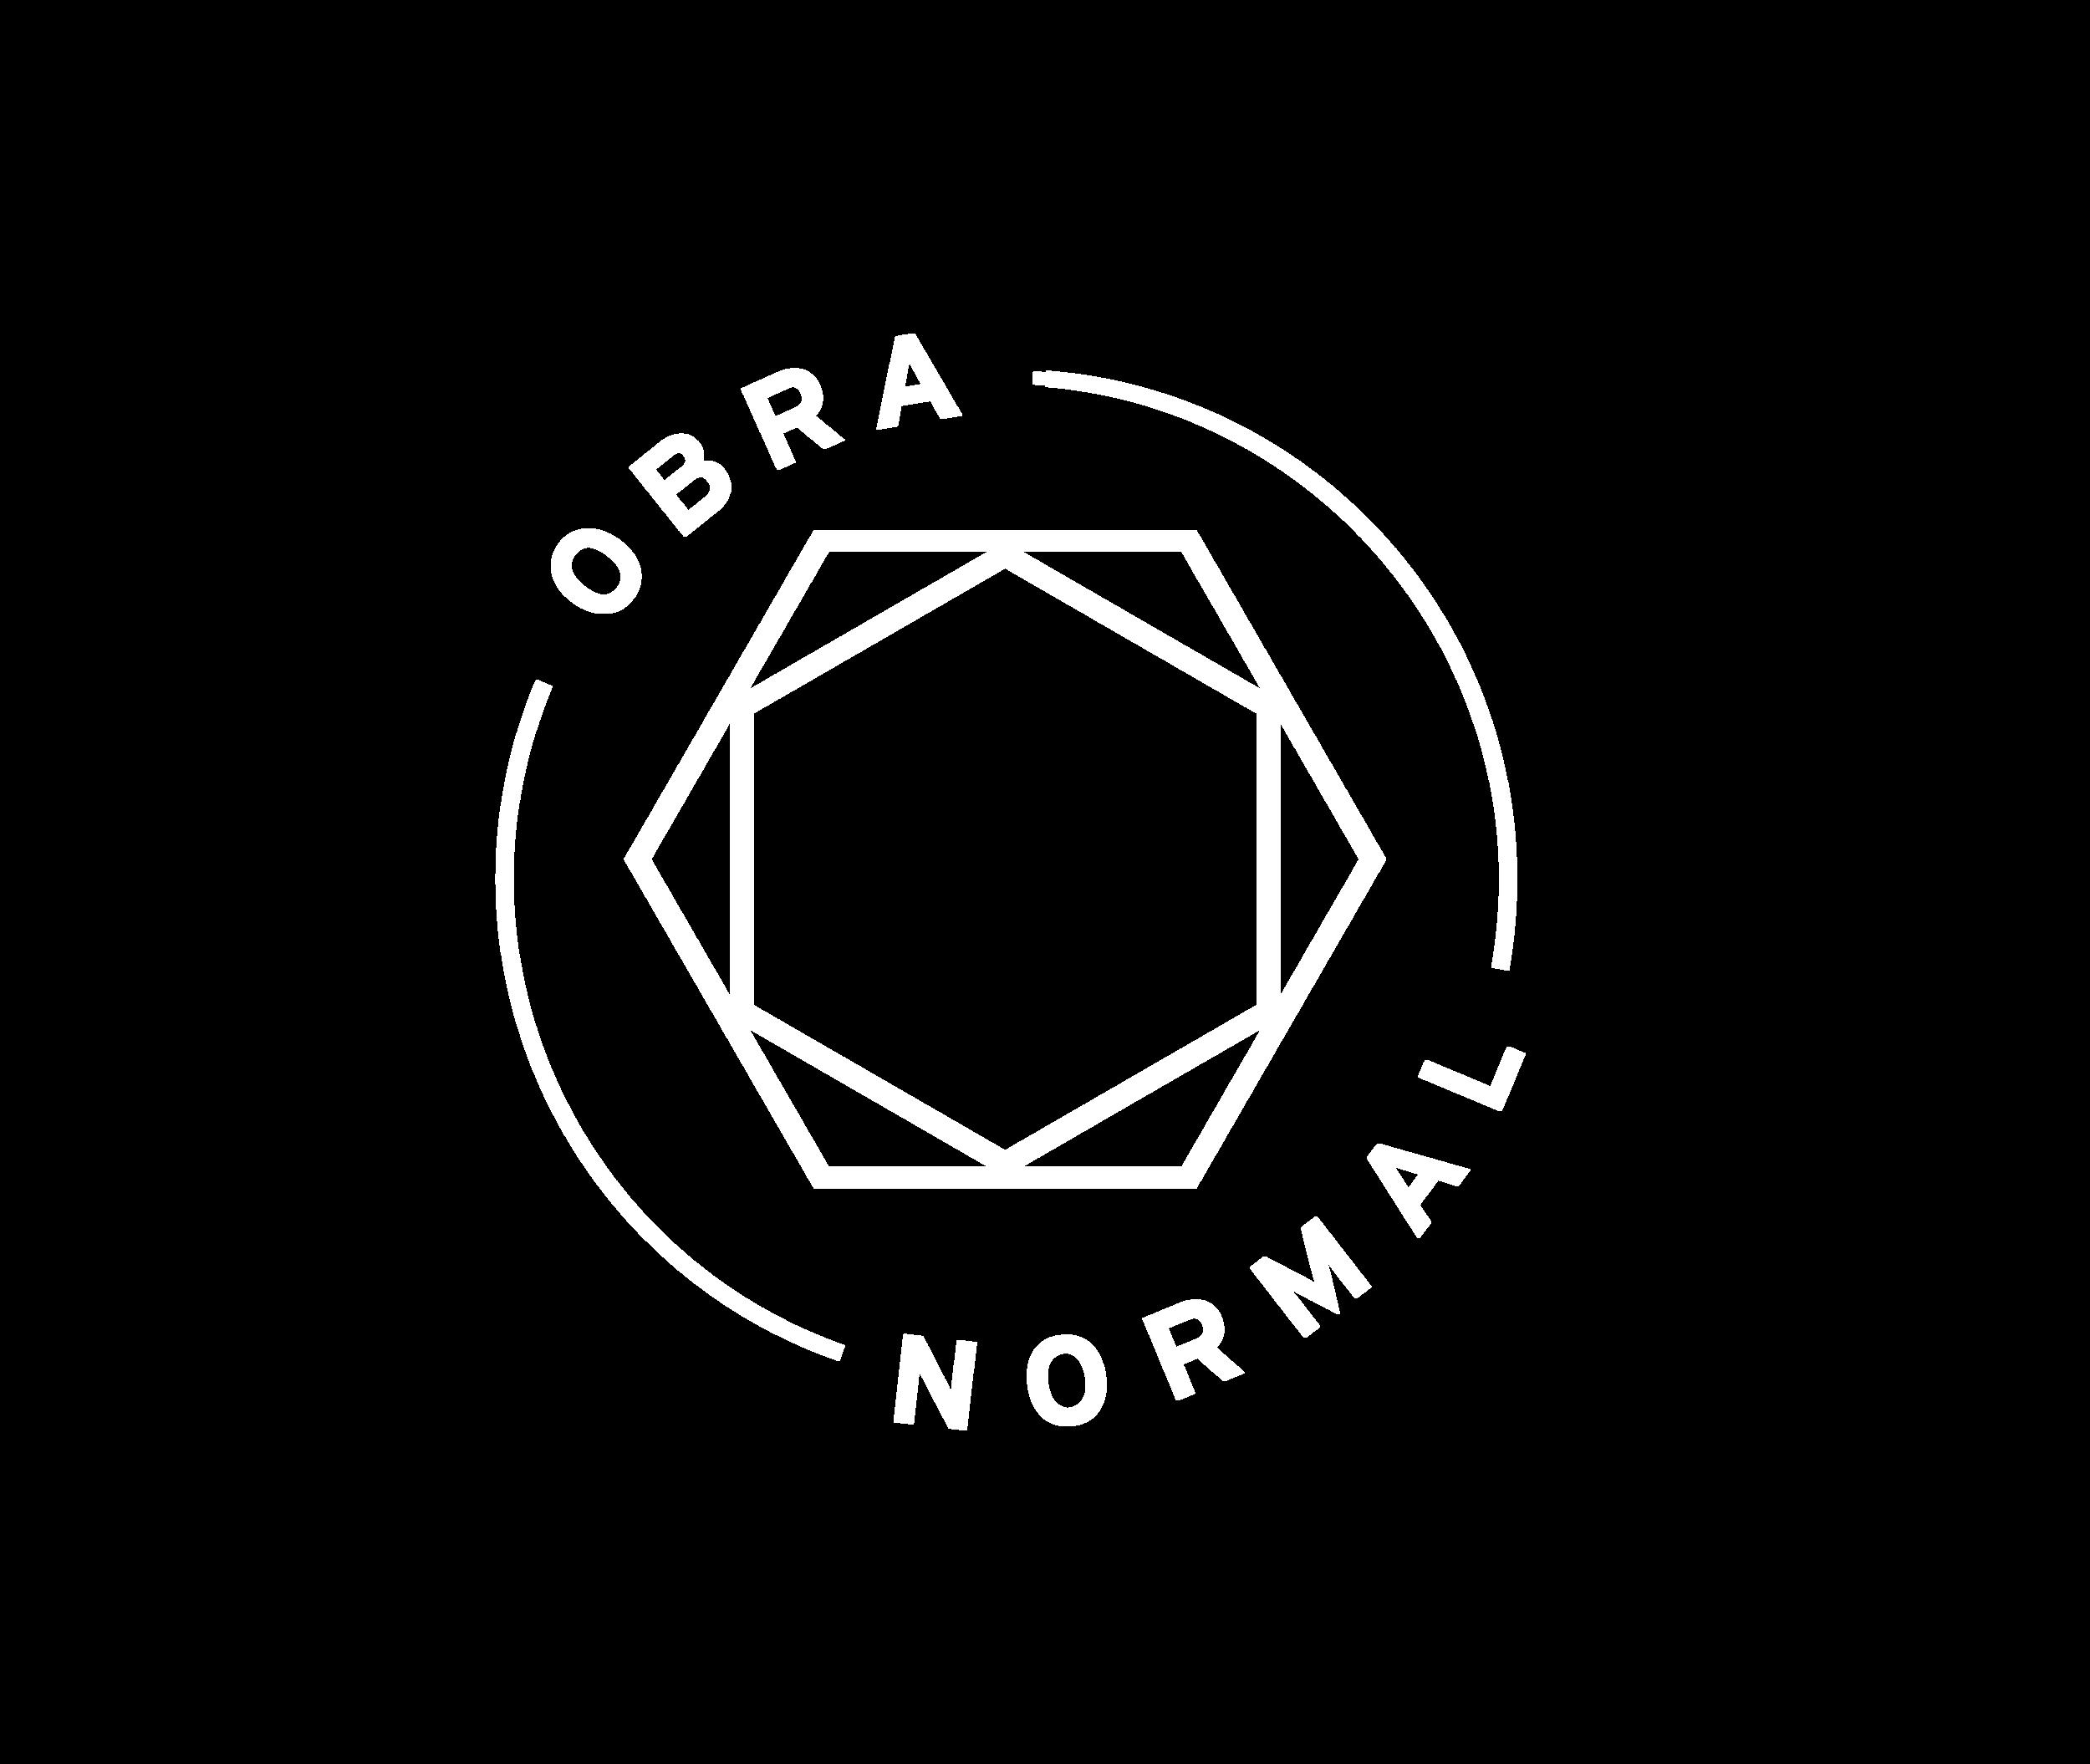 Logos2-10.png